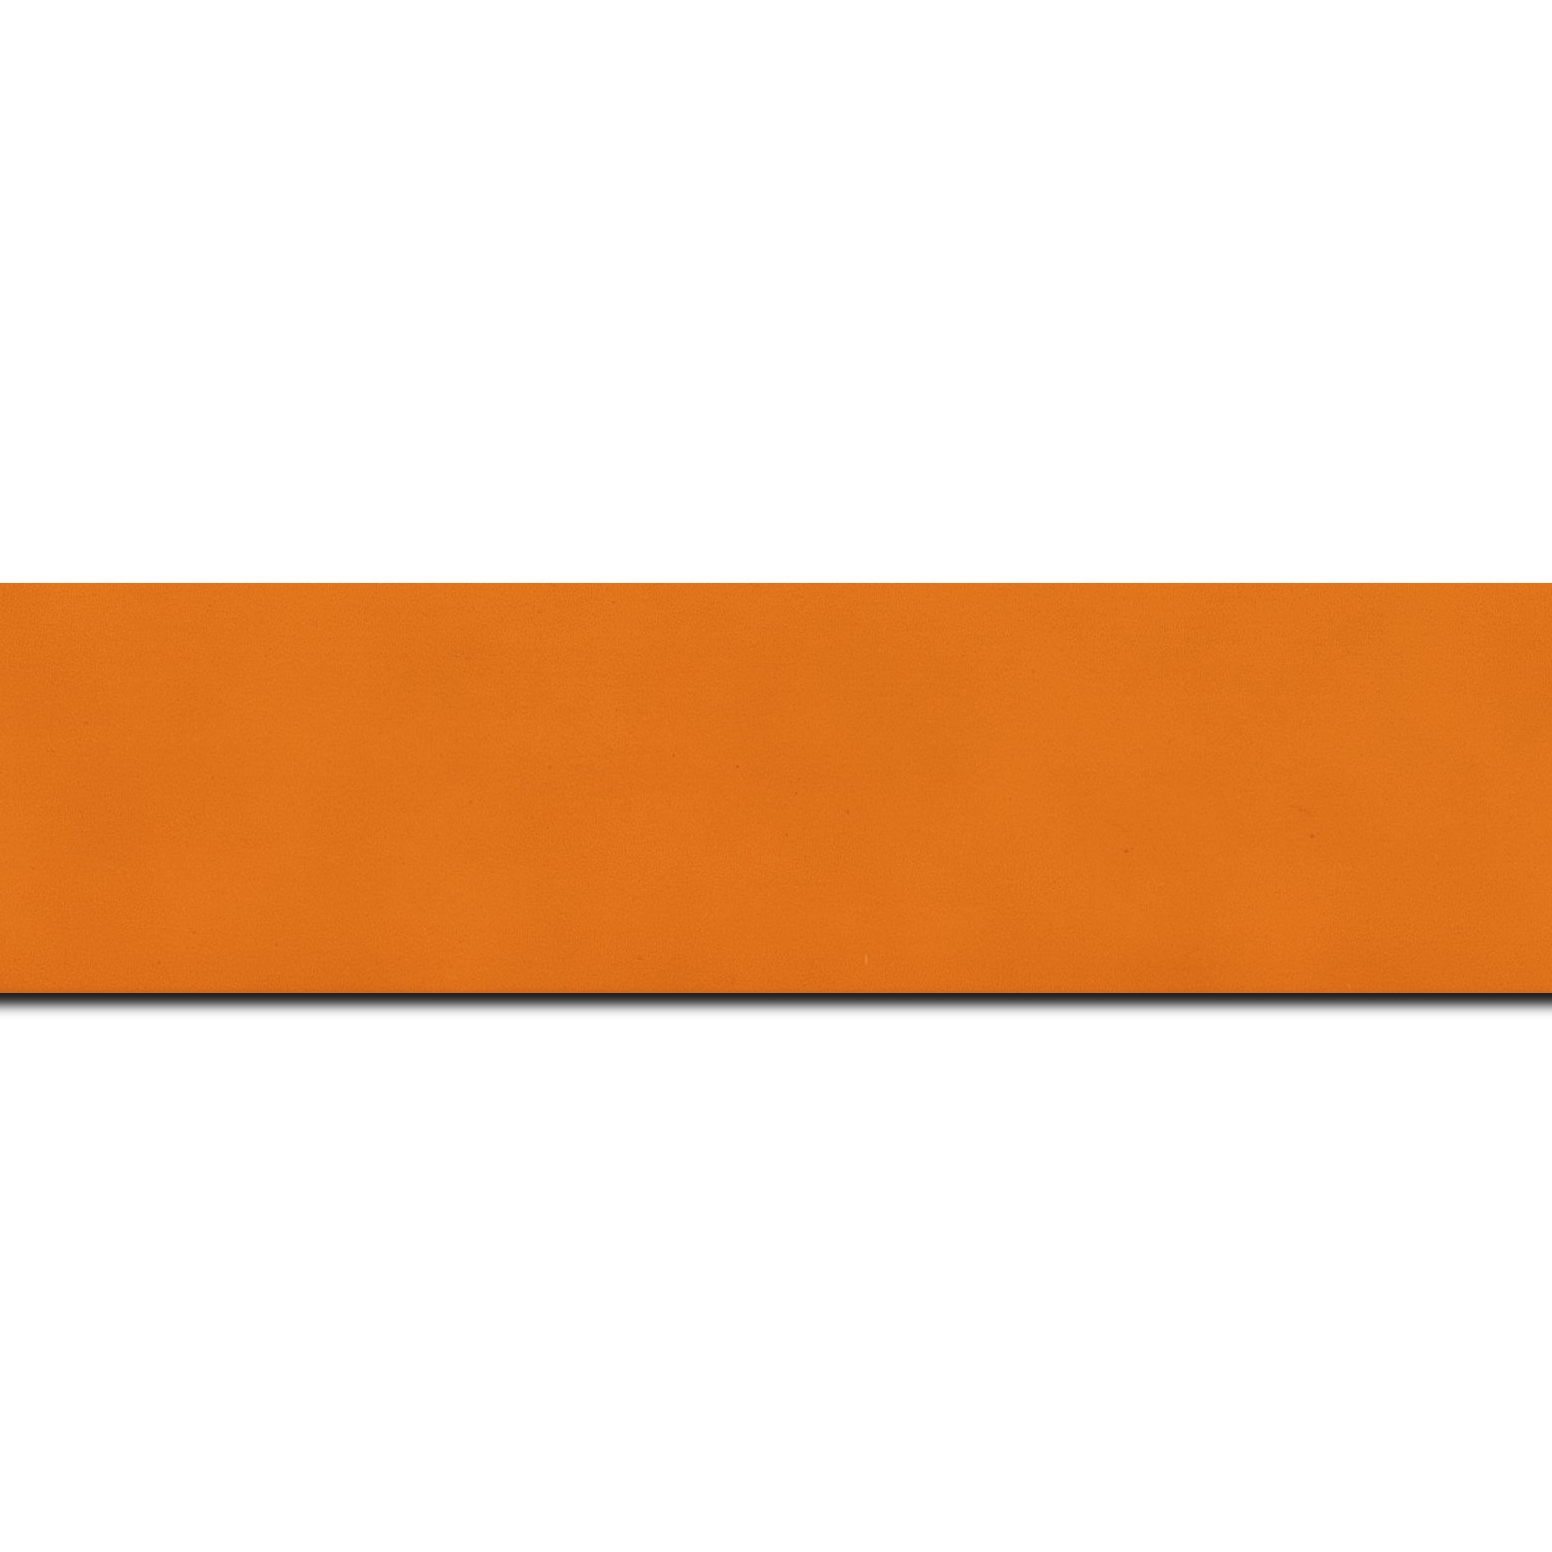 Baguette longueur 1.40m bois profil plat largeur 3.9cm couleur orange mat